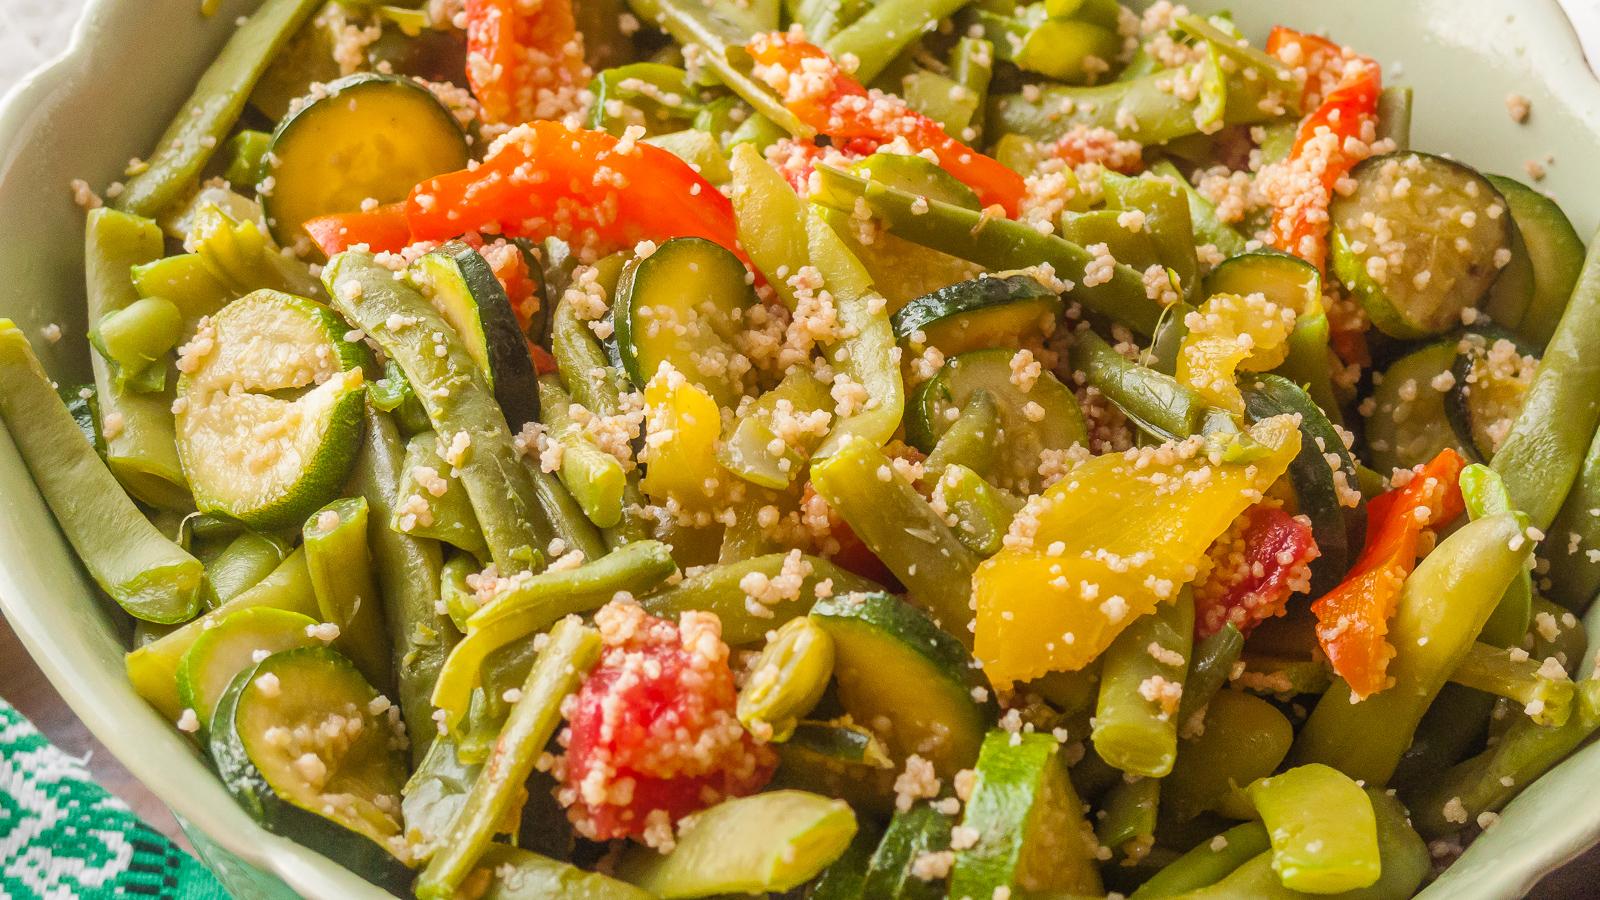 Photo de recette de salade de légumes, été, poivrons, tomates, haricots, courgettes, semoule, facile, légère, végétarien, healthy, salade composée, bio,  Kilomètre-0, blog de cuisine réalisée à partir de produits de saison et issus de circuits courts